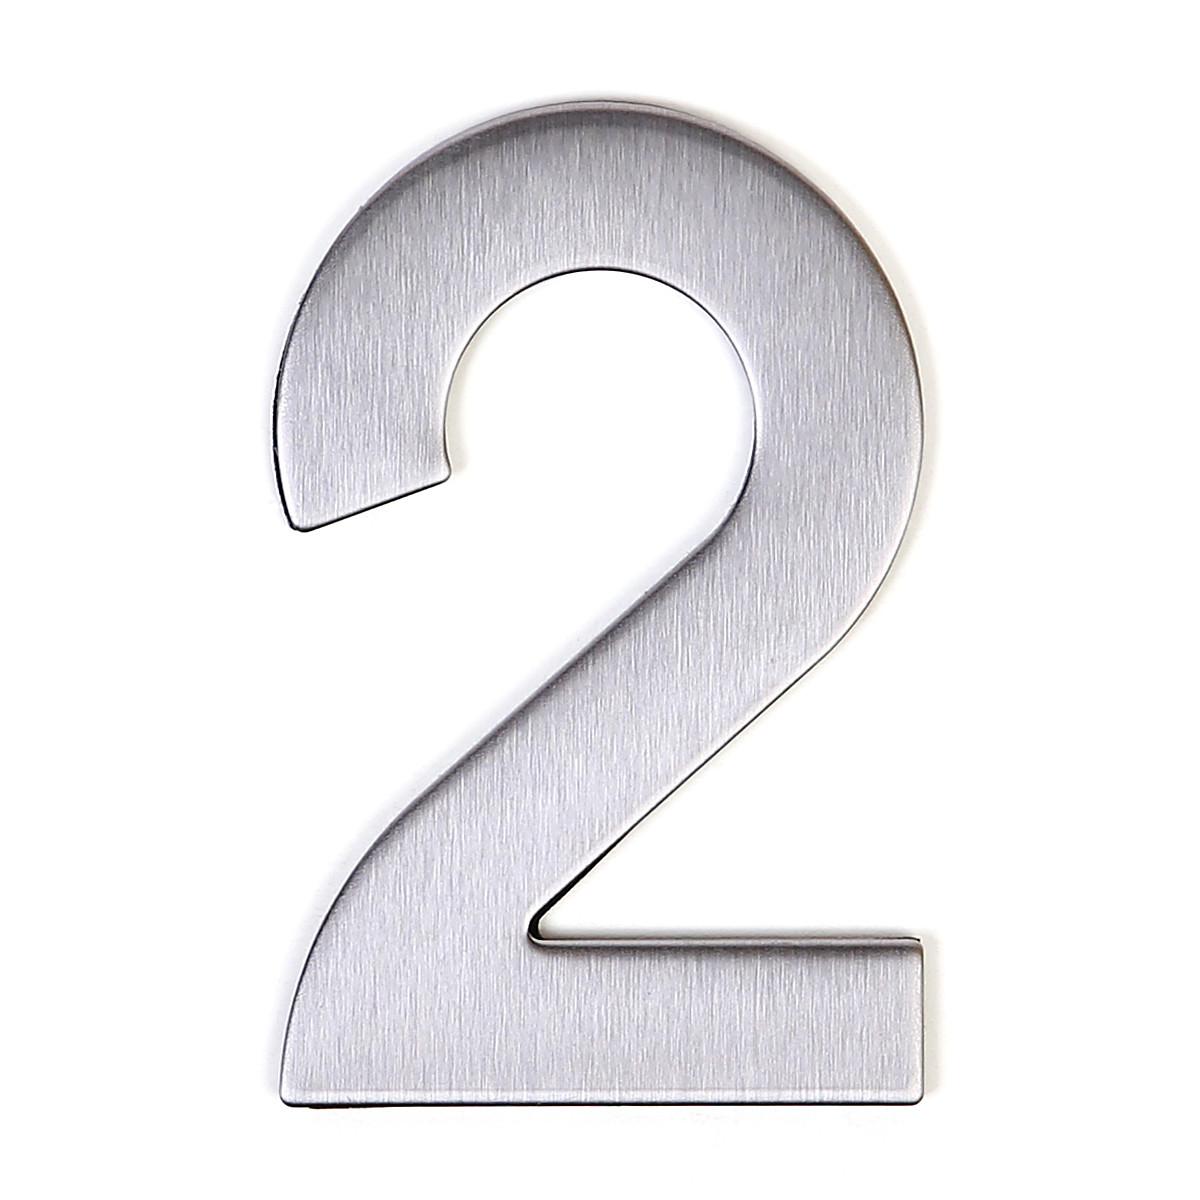 Номер на дверь Larvij цифра 2 нержавеющая сталь (LNS4 SS #2)